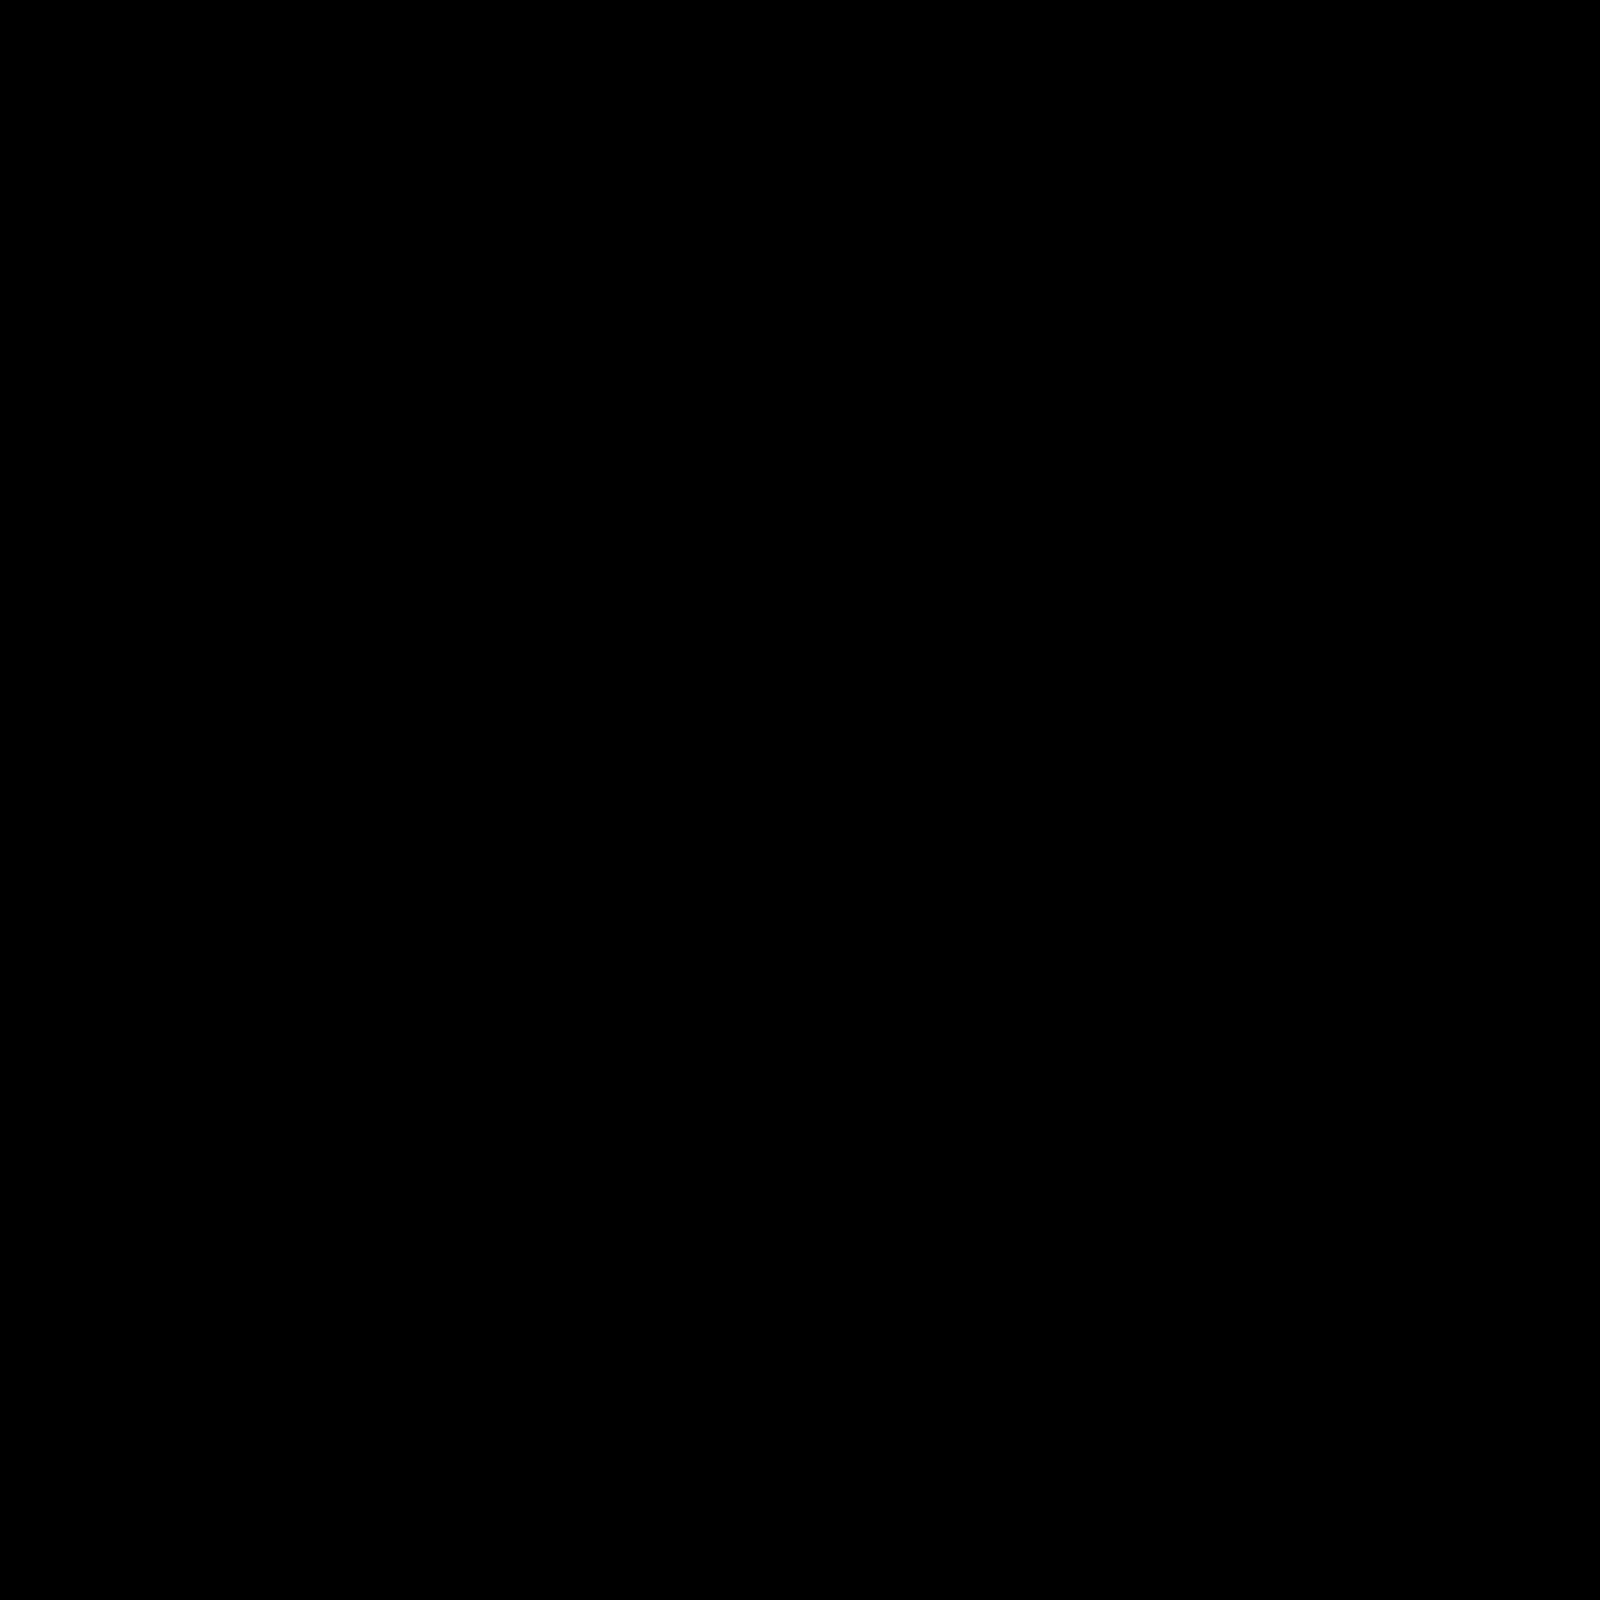 アップルペイ icon